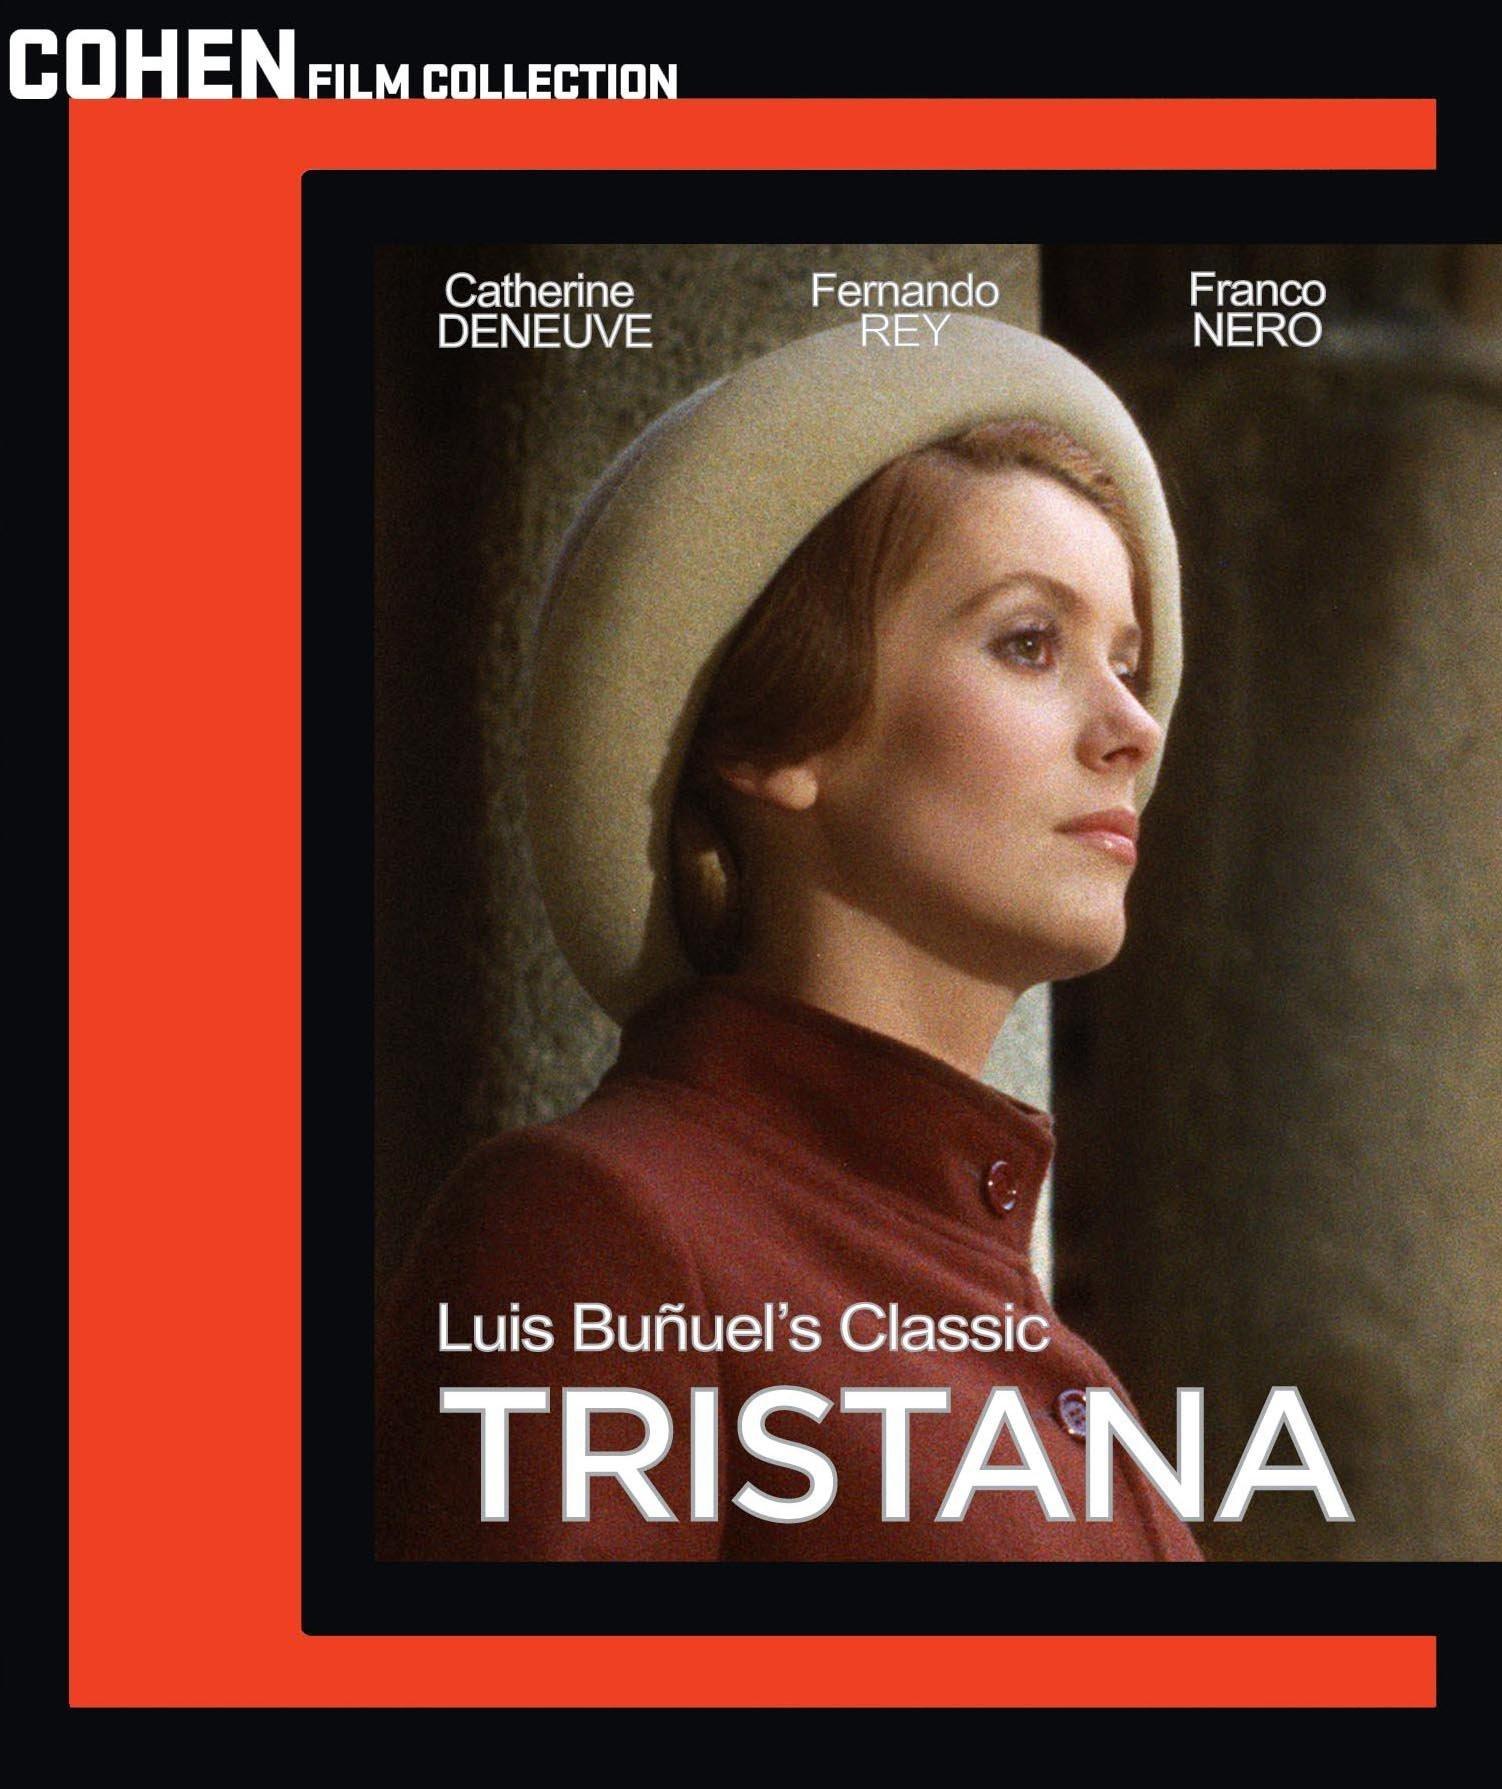 Tristana (1970) + Extras